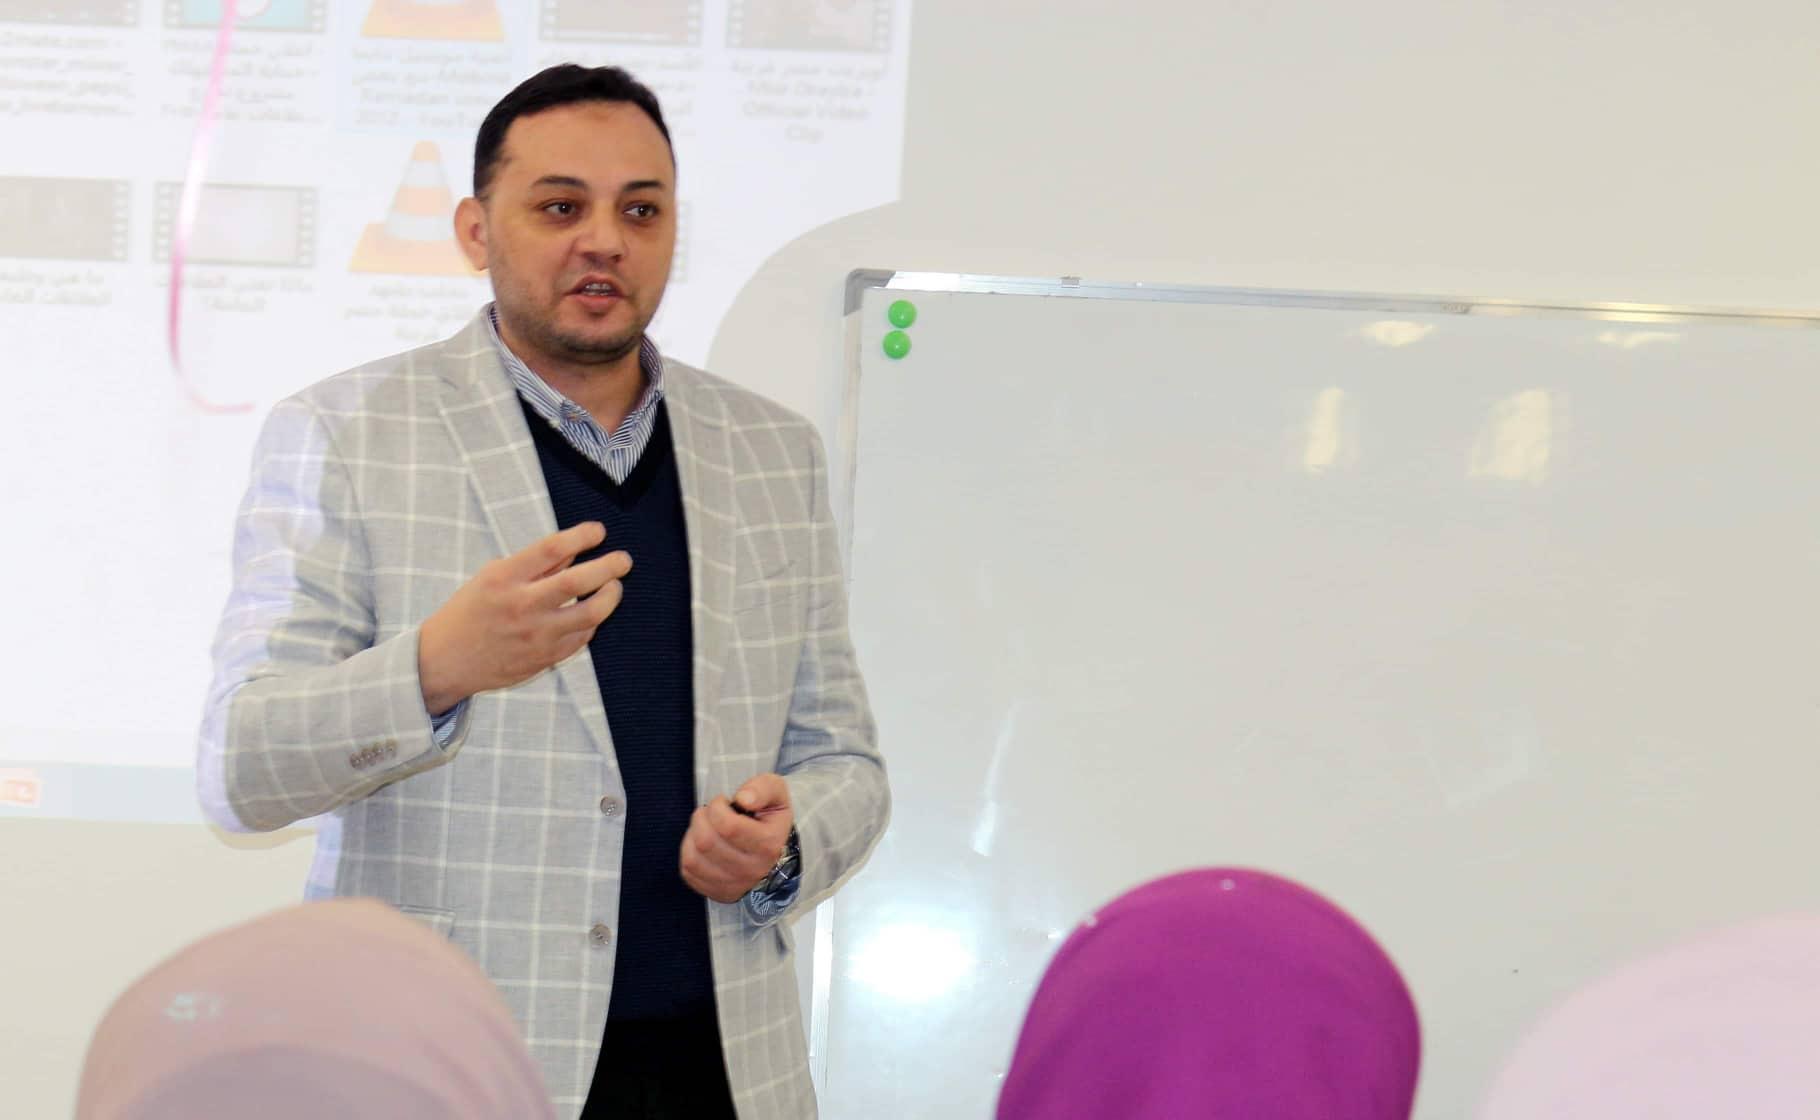 العلاقات العامة وفنون الاتصال محاضرة للباحث علي فرجاني بدار الأوبرا